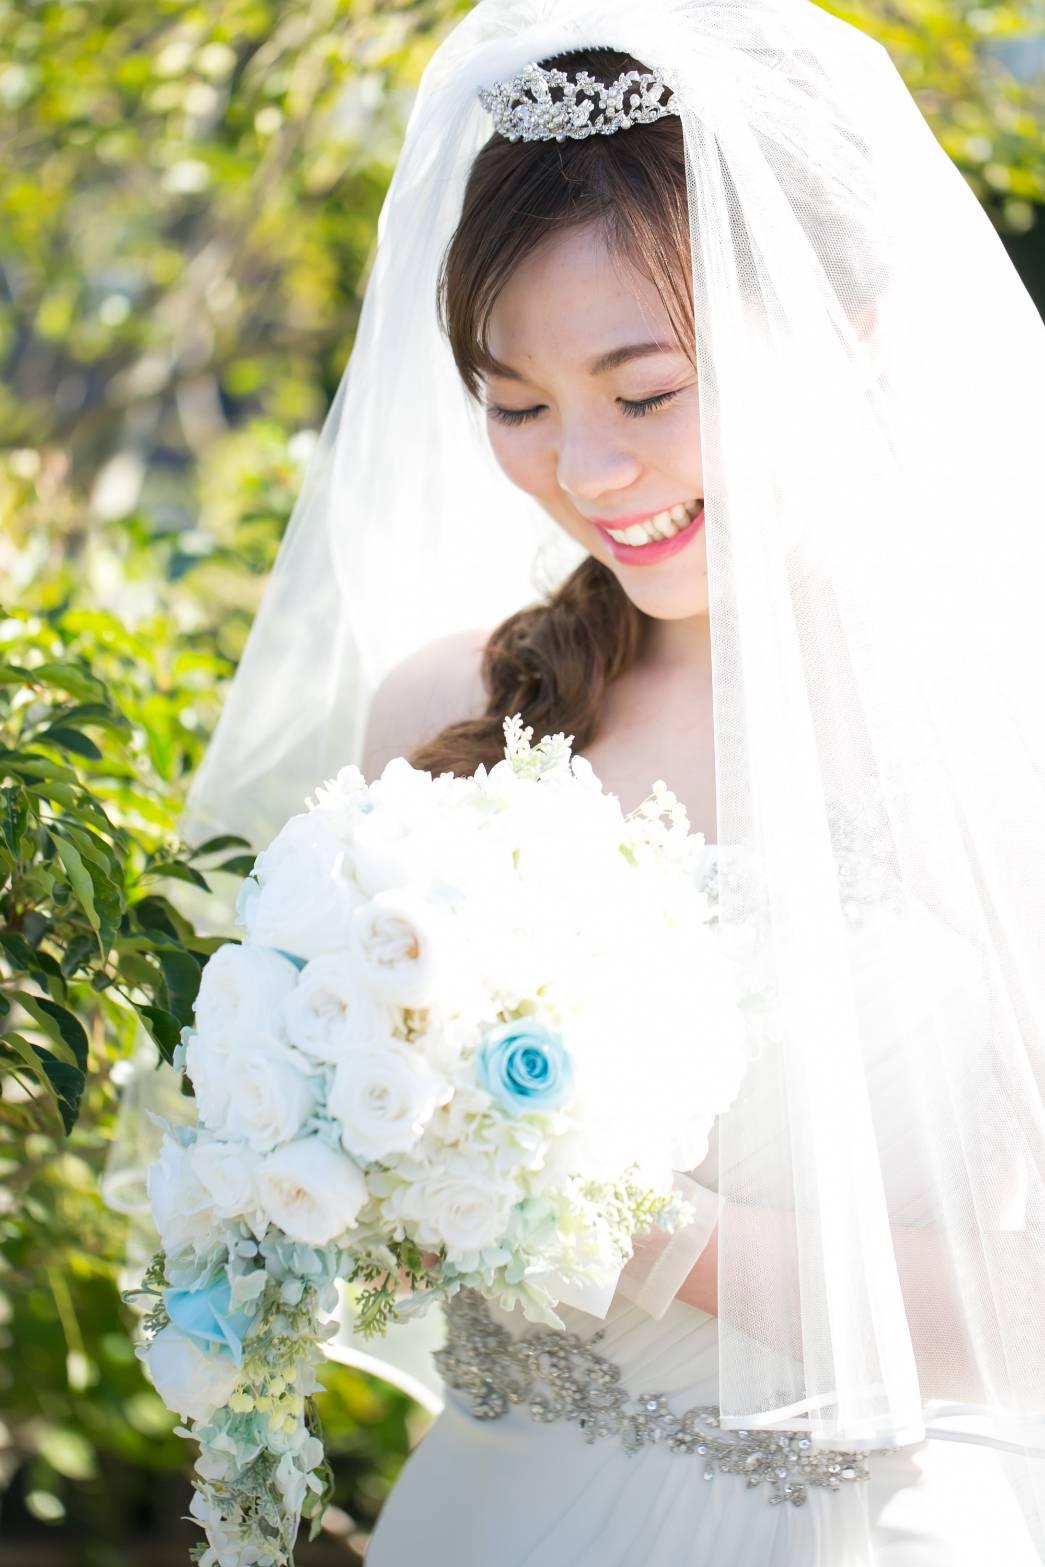 新郎新婦様からのメール フォトウエディングのためのブーケ、小さな結婚式様へ_a0042928_2365798.jpg